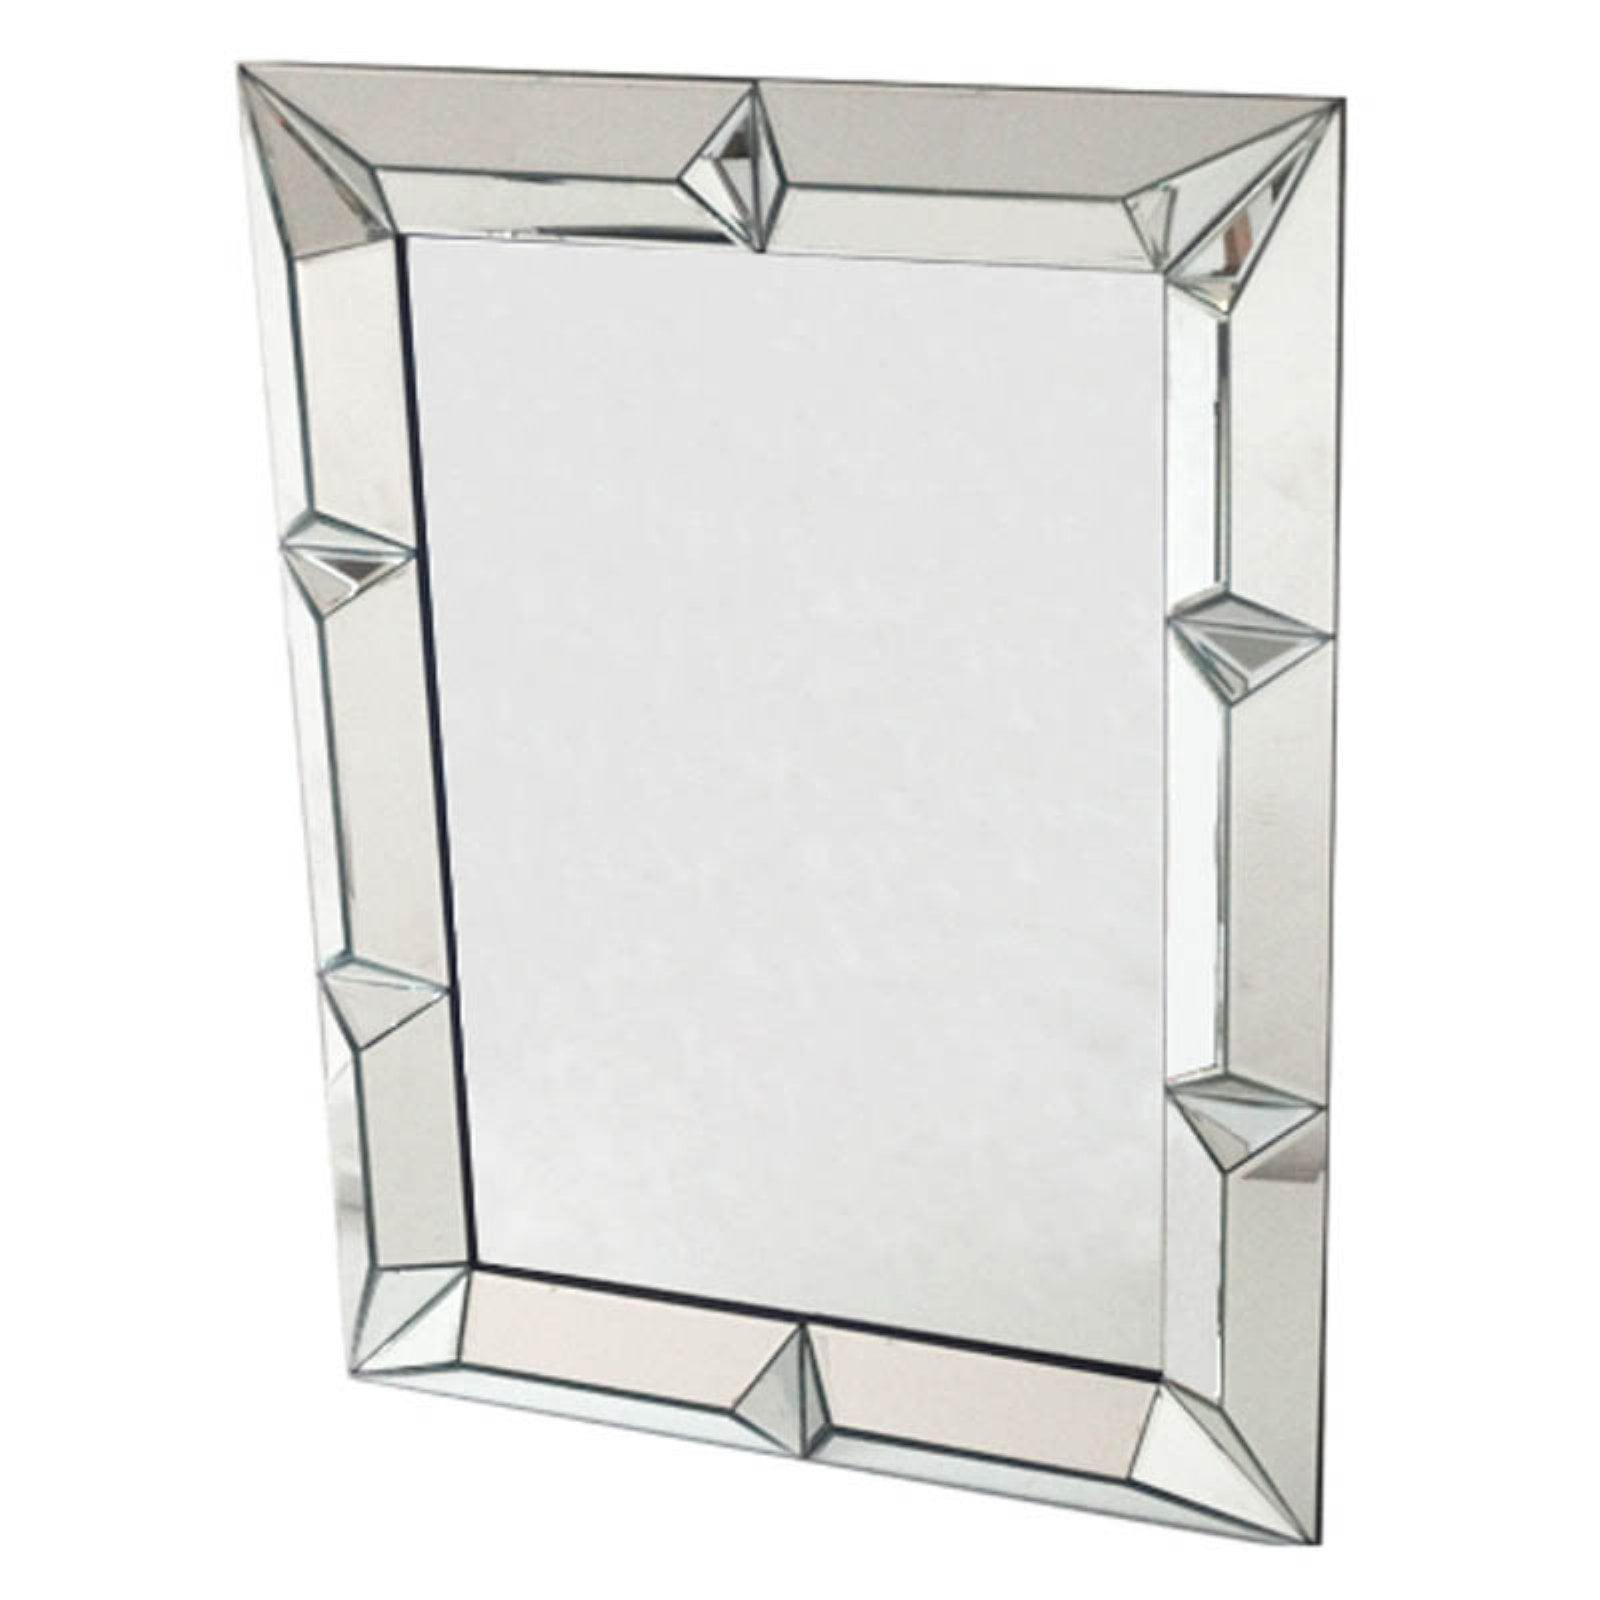 Fine Mod Imports FMI10122 Square Mirror by Fine Mod Imports